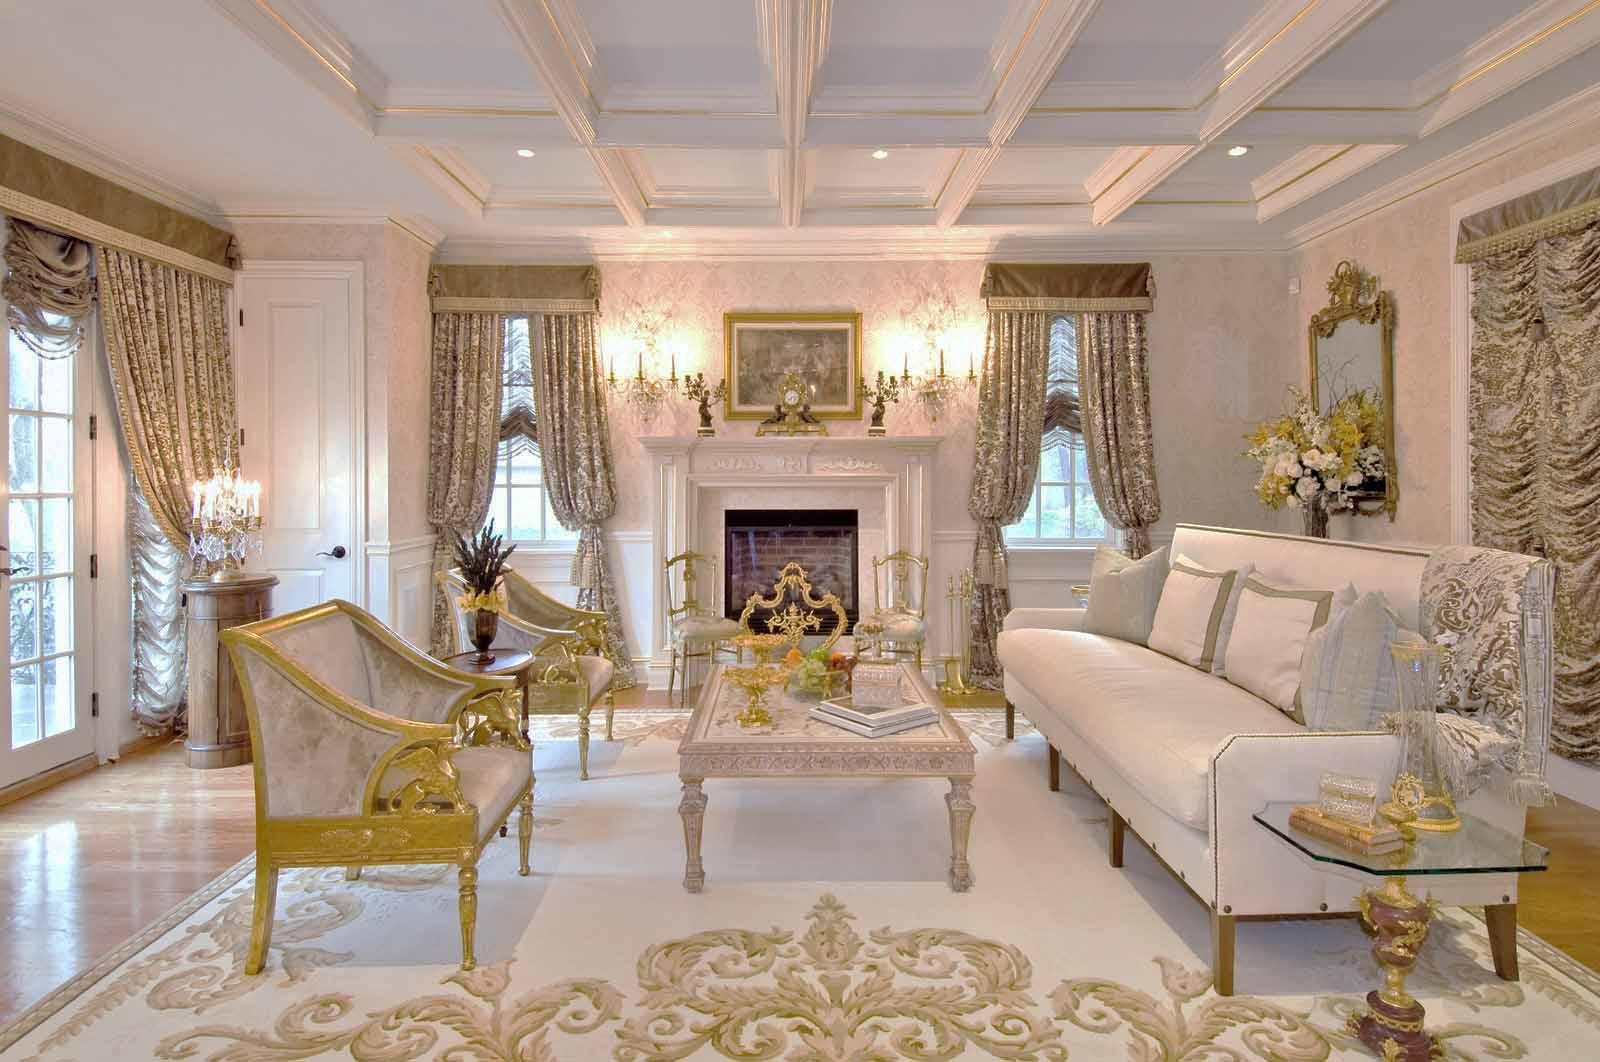 các phong cách thiết kế căn hộ cao cấp